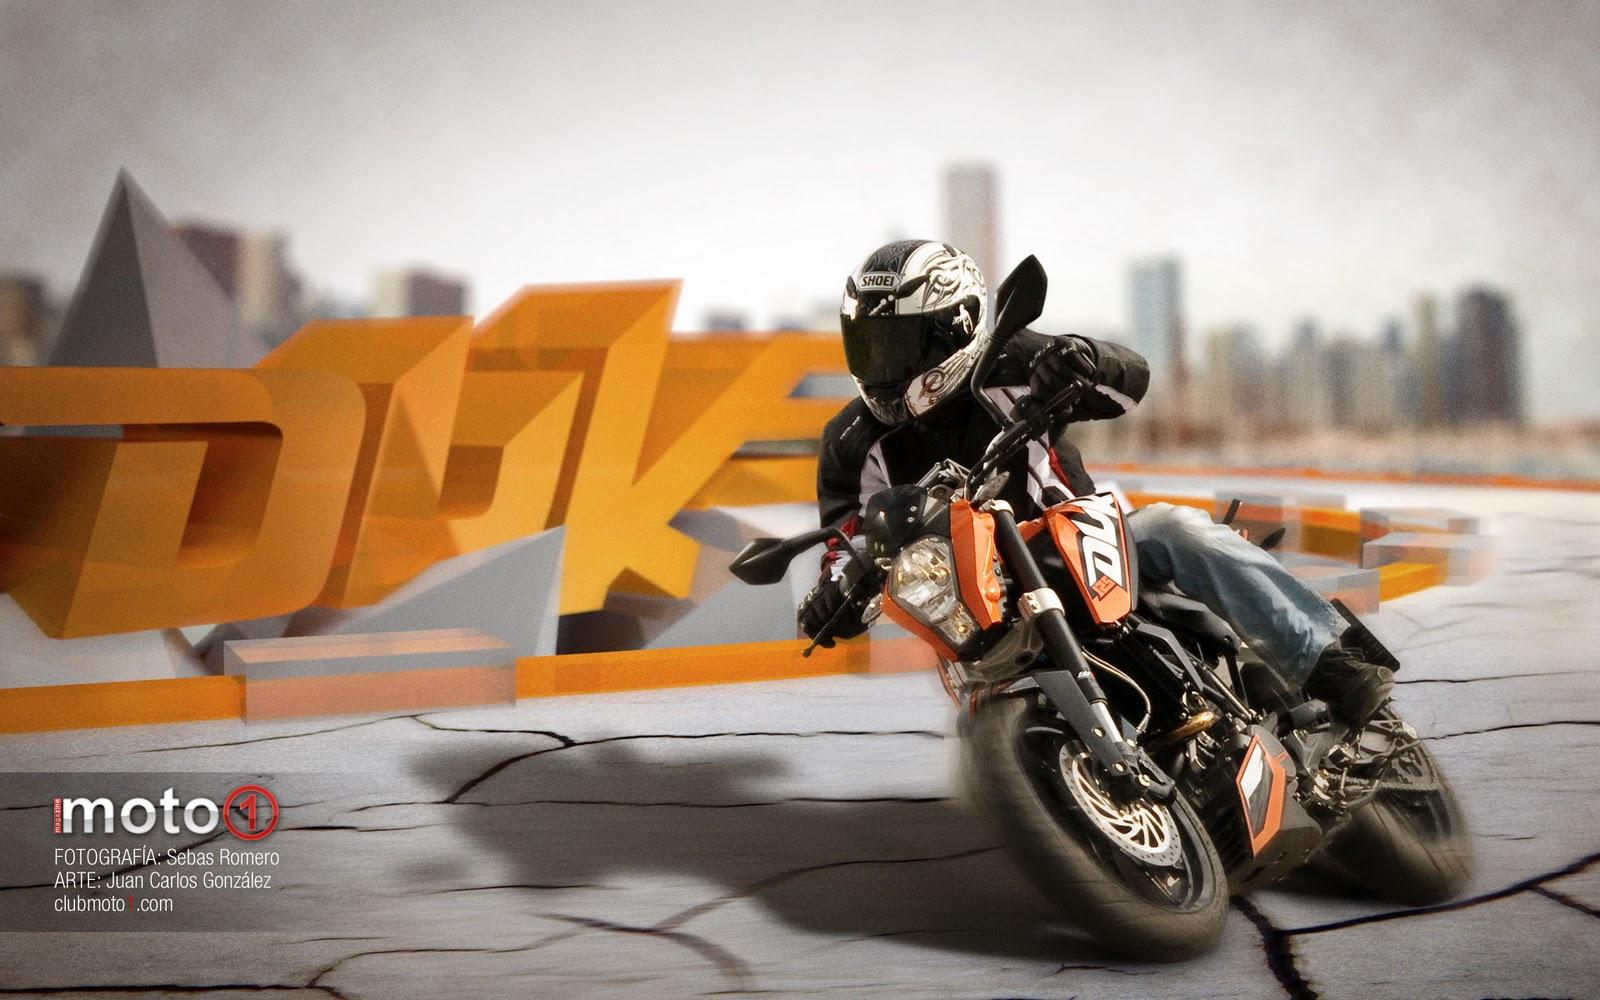 Takeyoshi images KTM DUKE125200 1600x1000